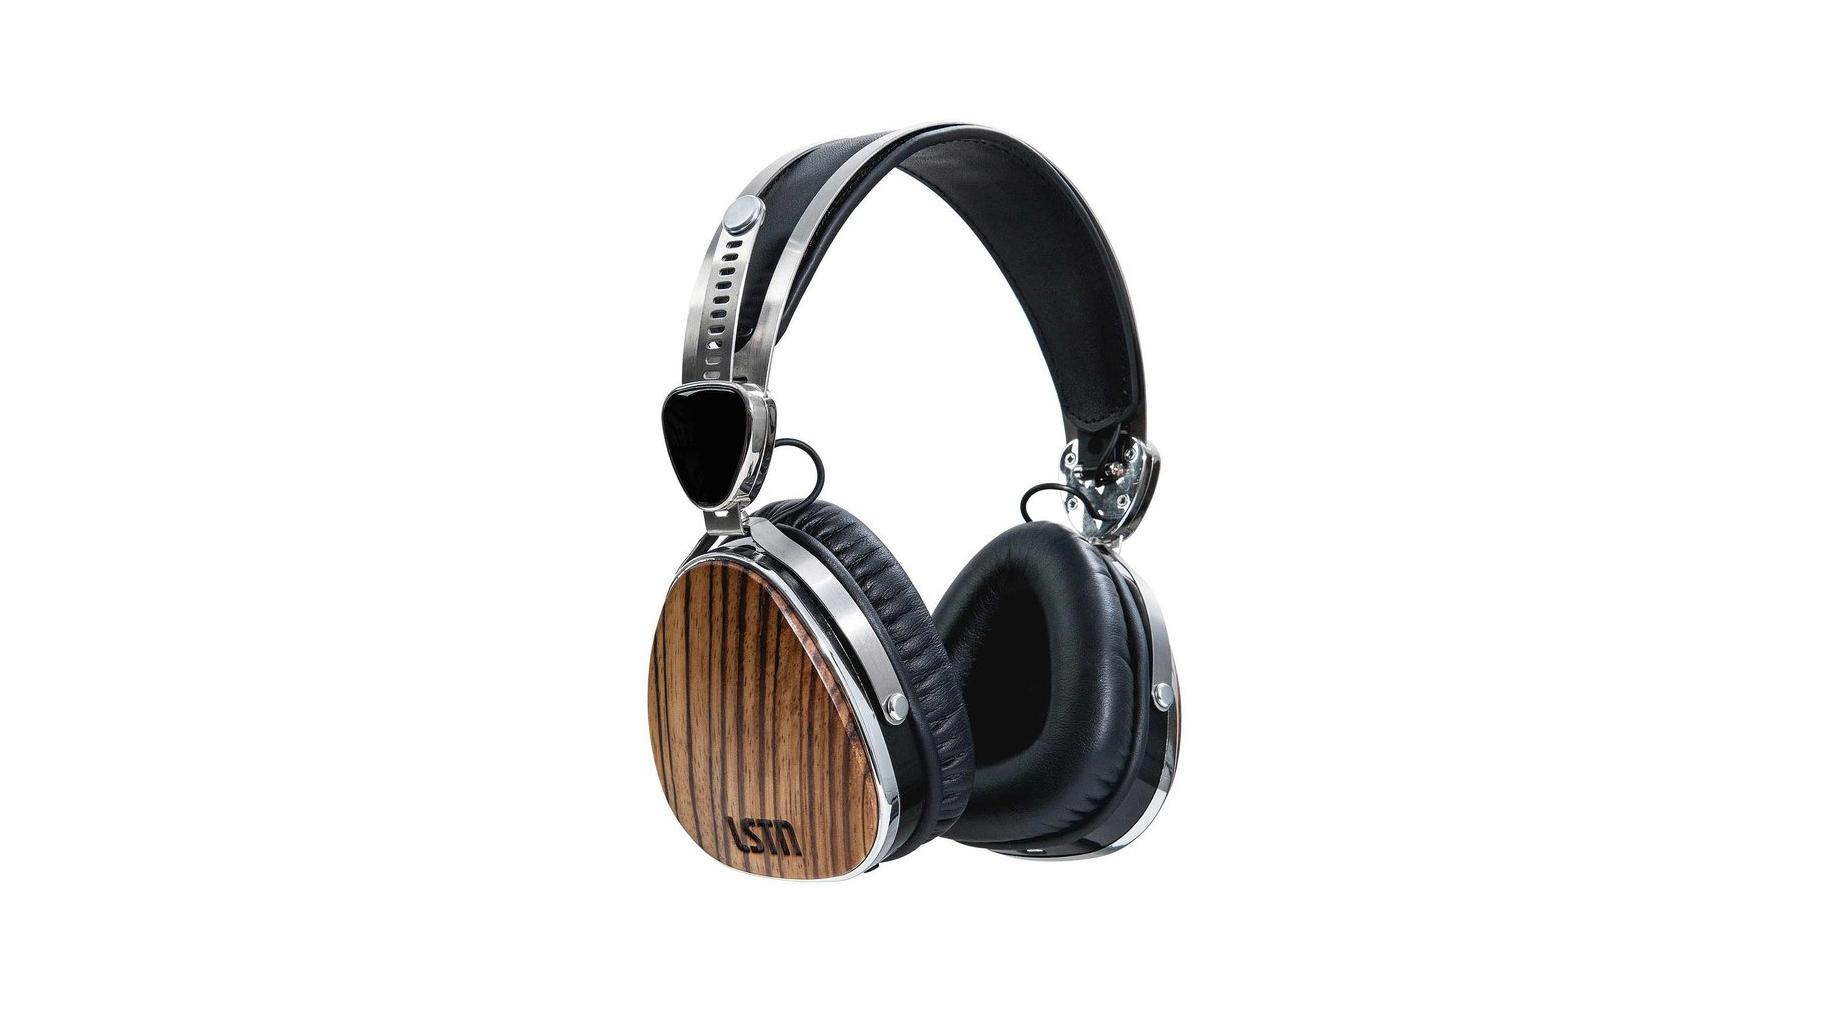 wood anniversary gift headphones